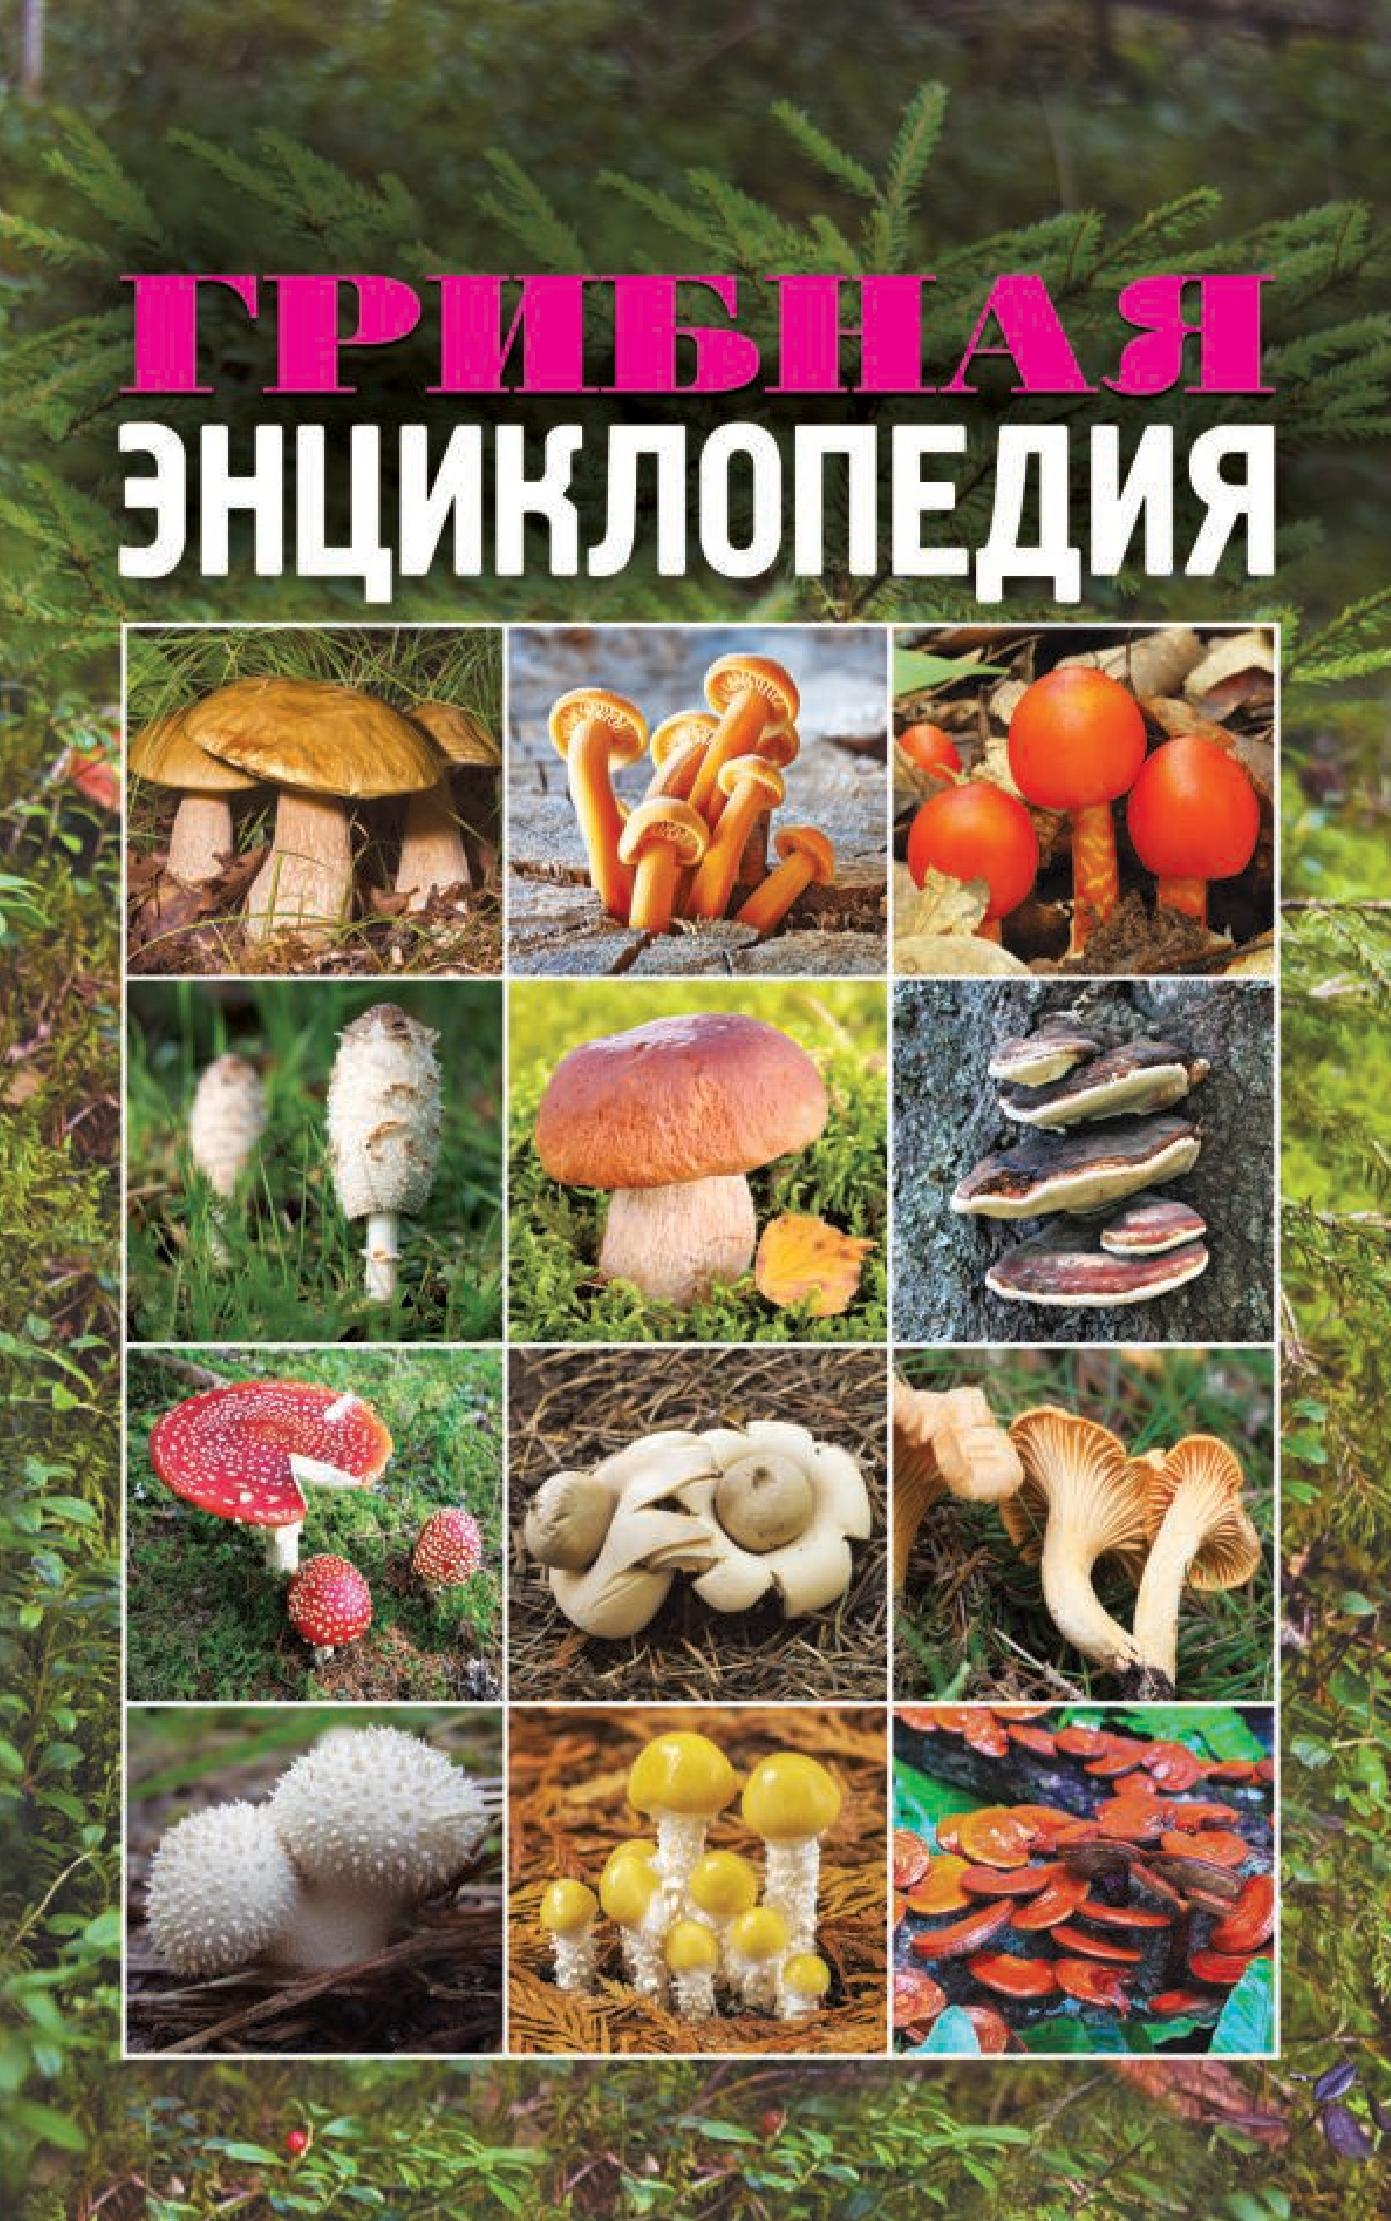 Купить книгу Грибная энциклопедия, автора Татьяны Лагутиной